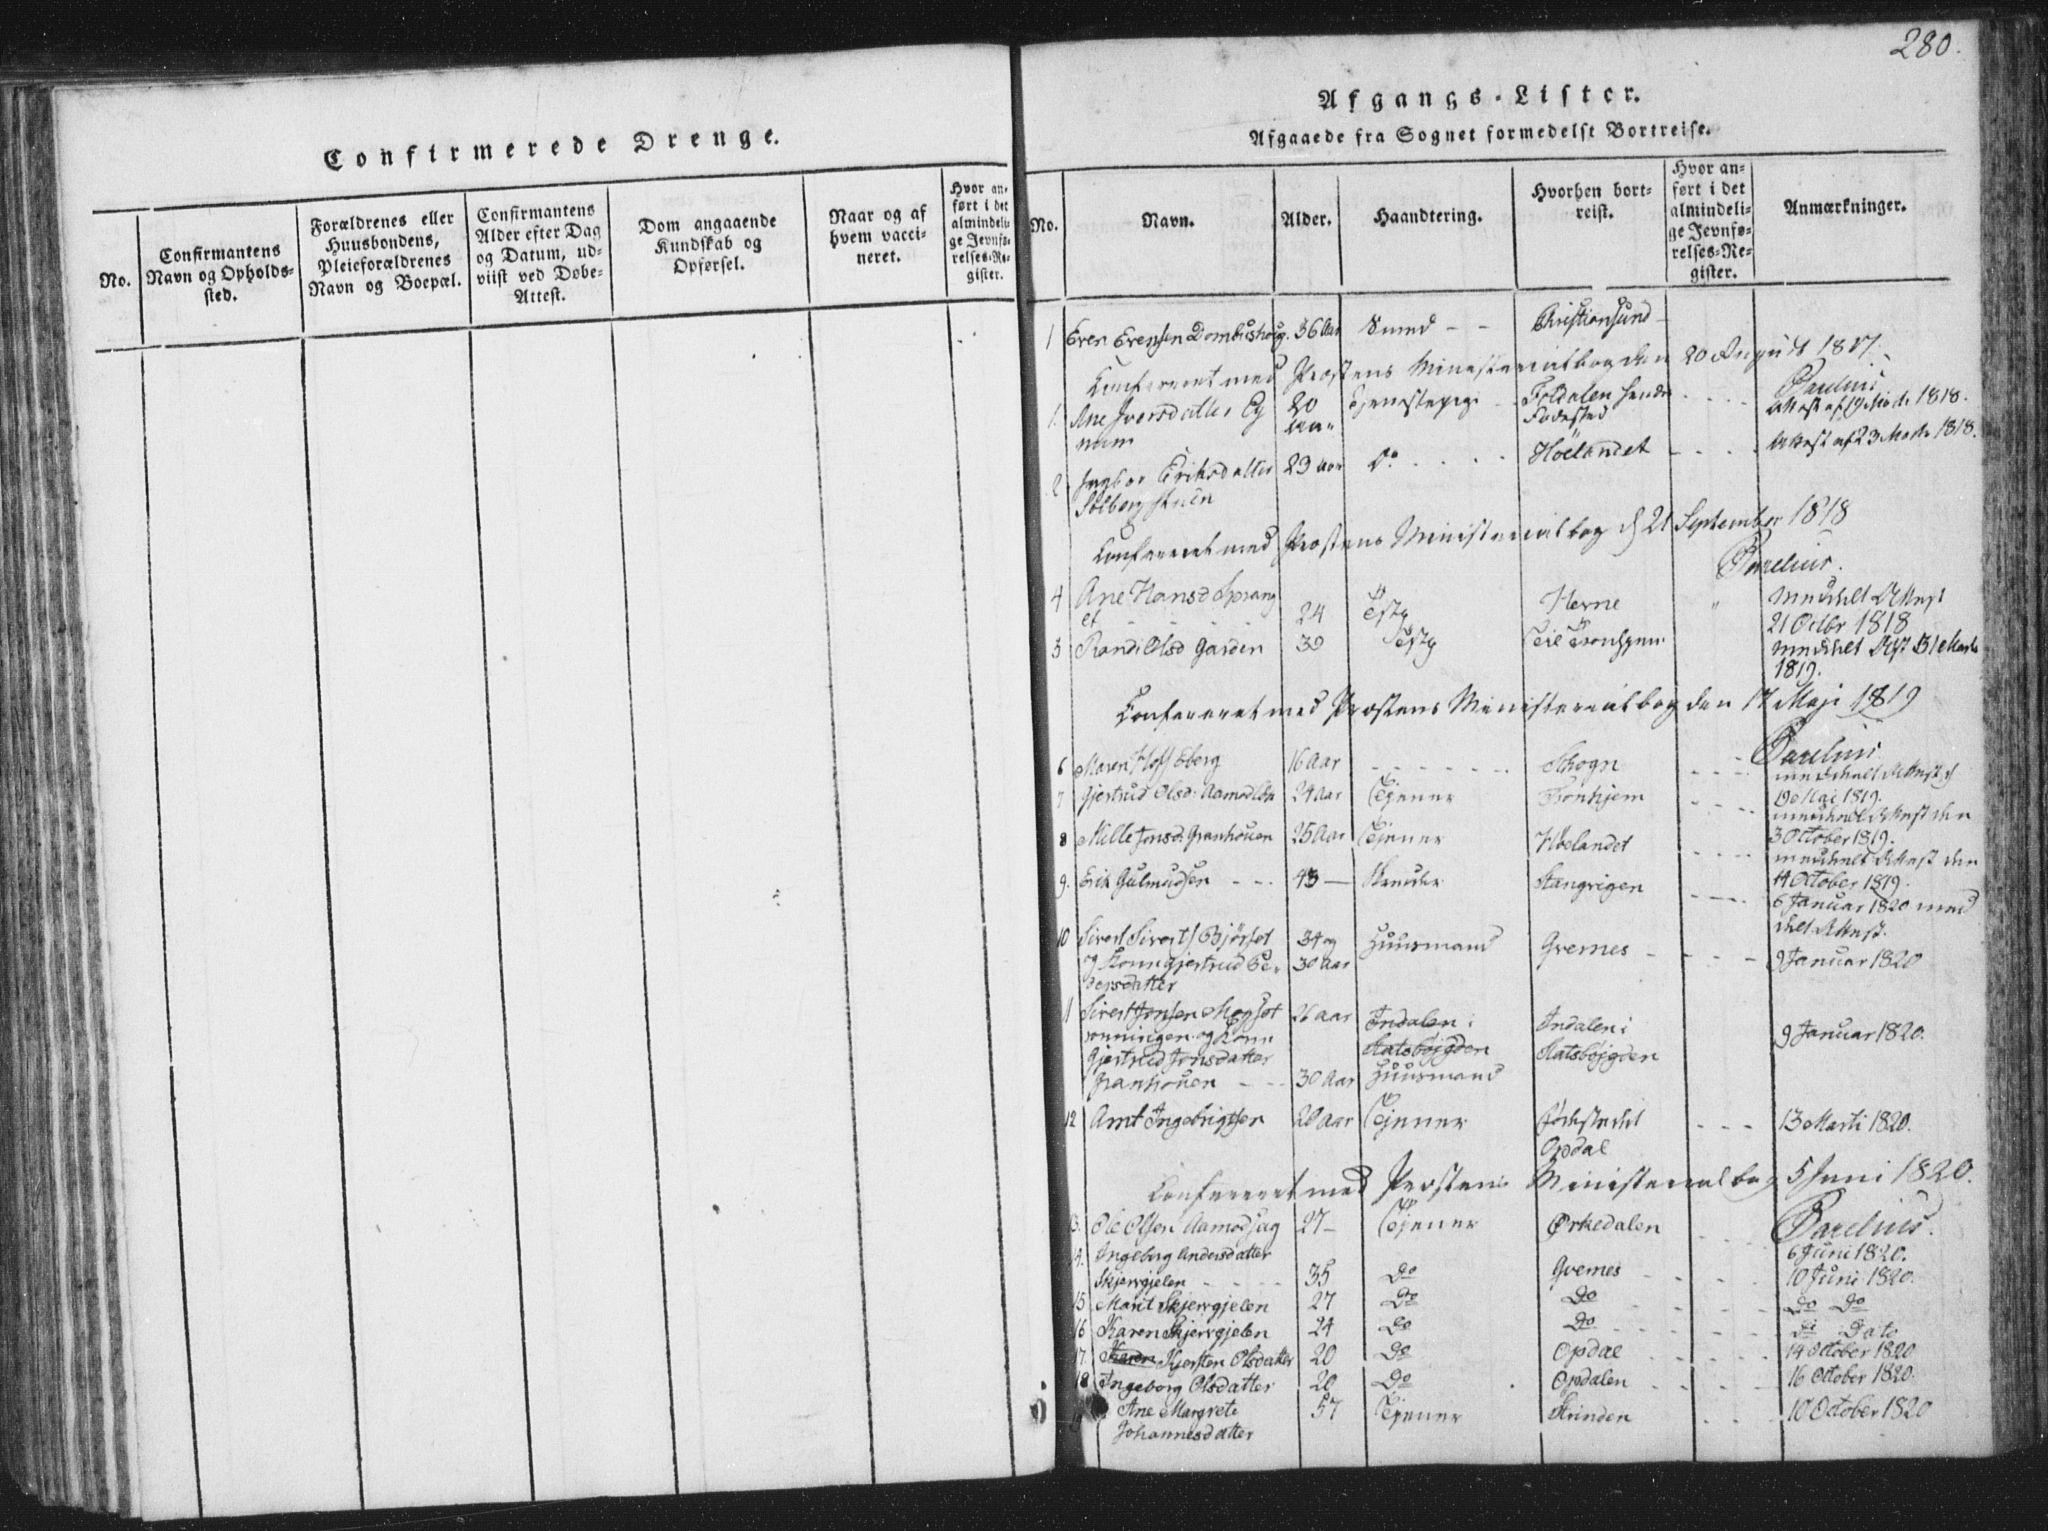 SAT, Ministerialprotokoller, klokkerbøker og fødselsregistre - Sør-Trøndelag, 672/L0862: Klokkerbok nr. 672C01, 1816-1831, s. 280